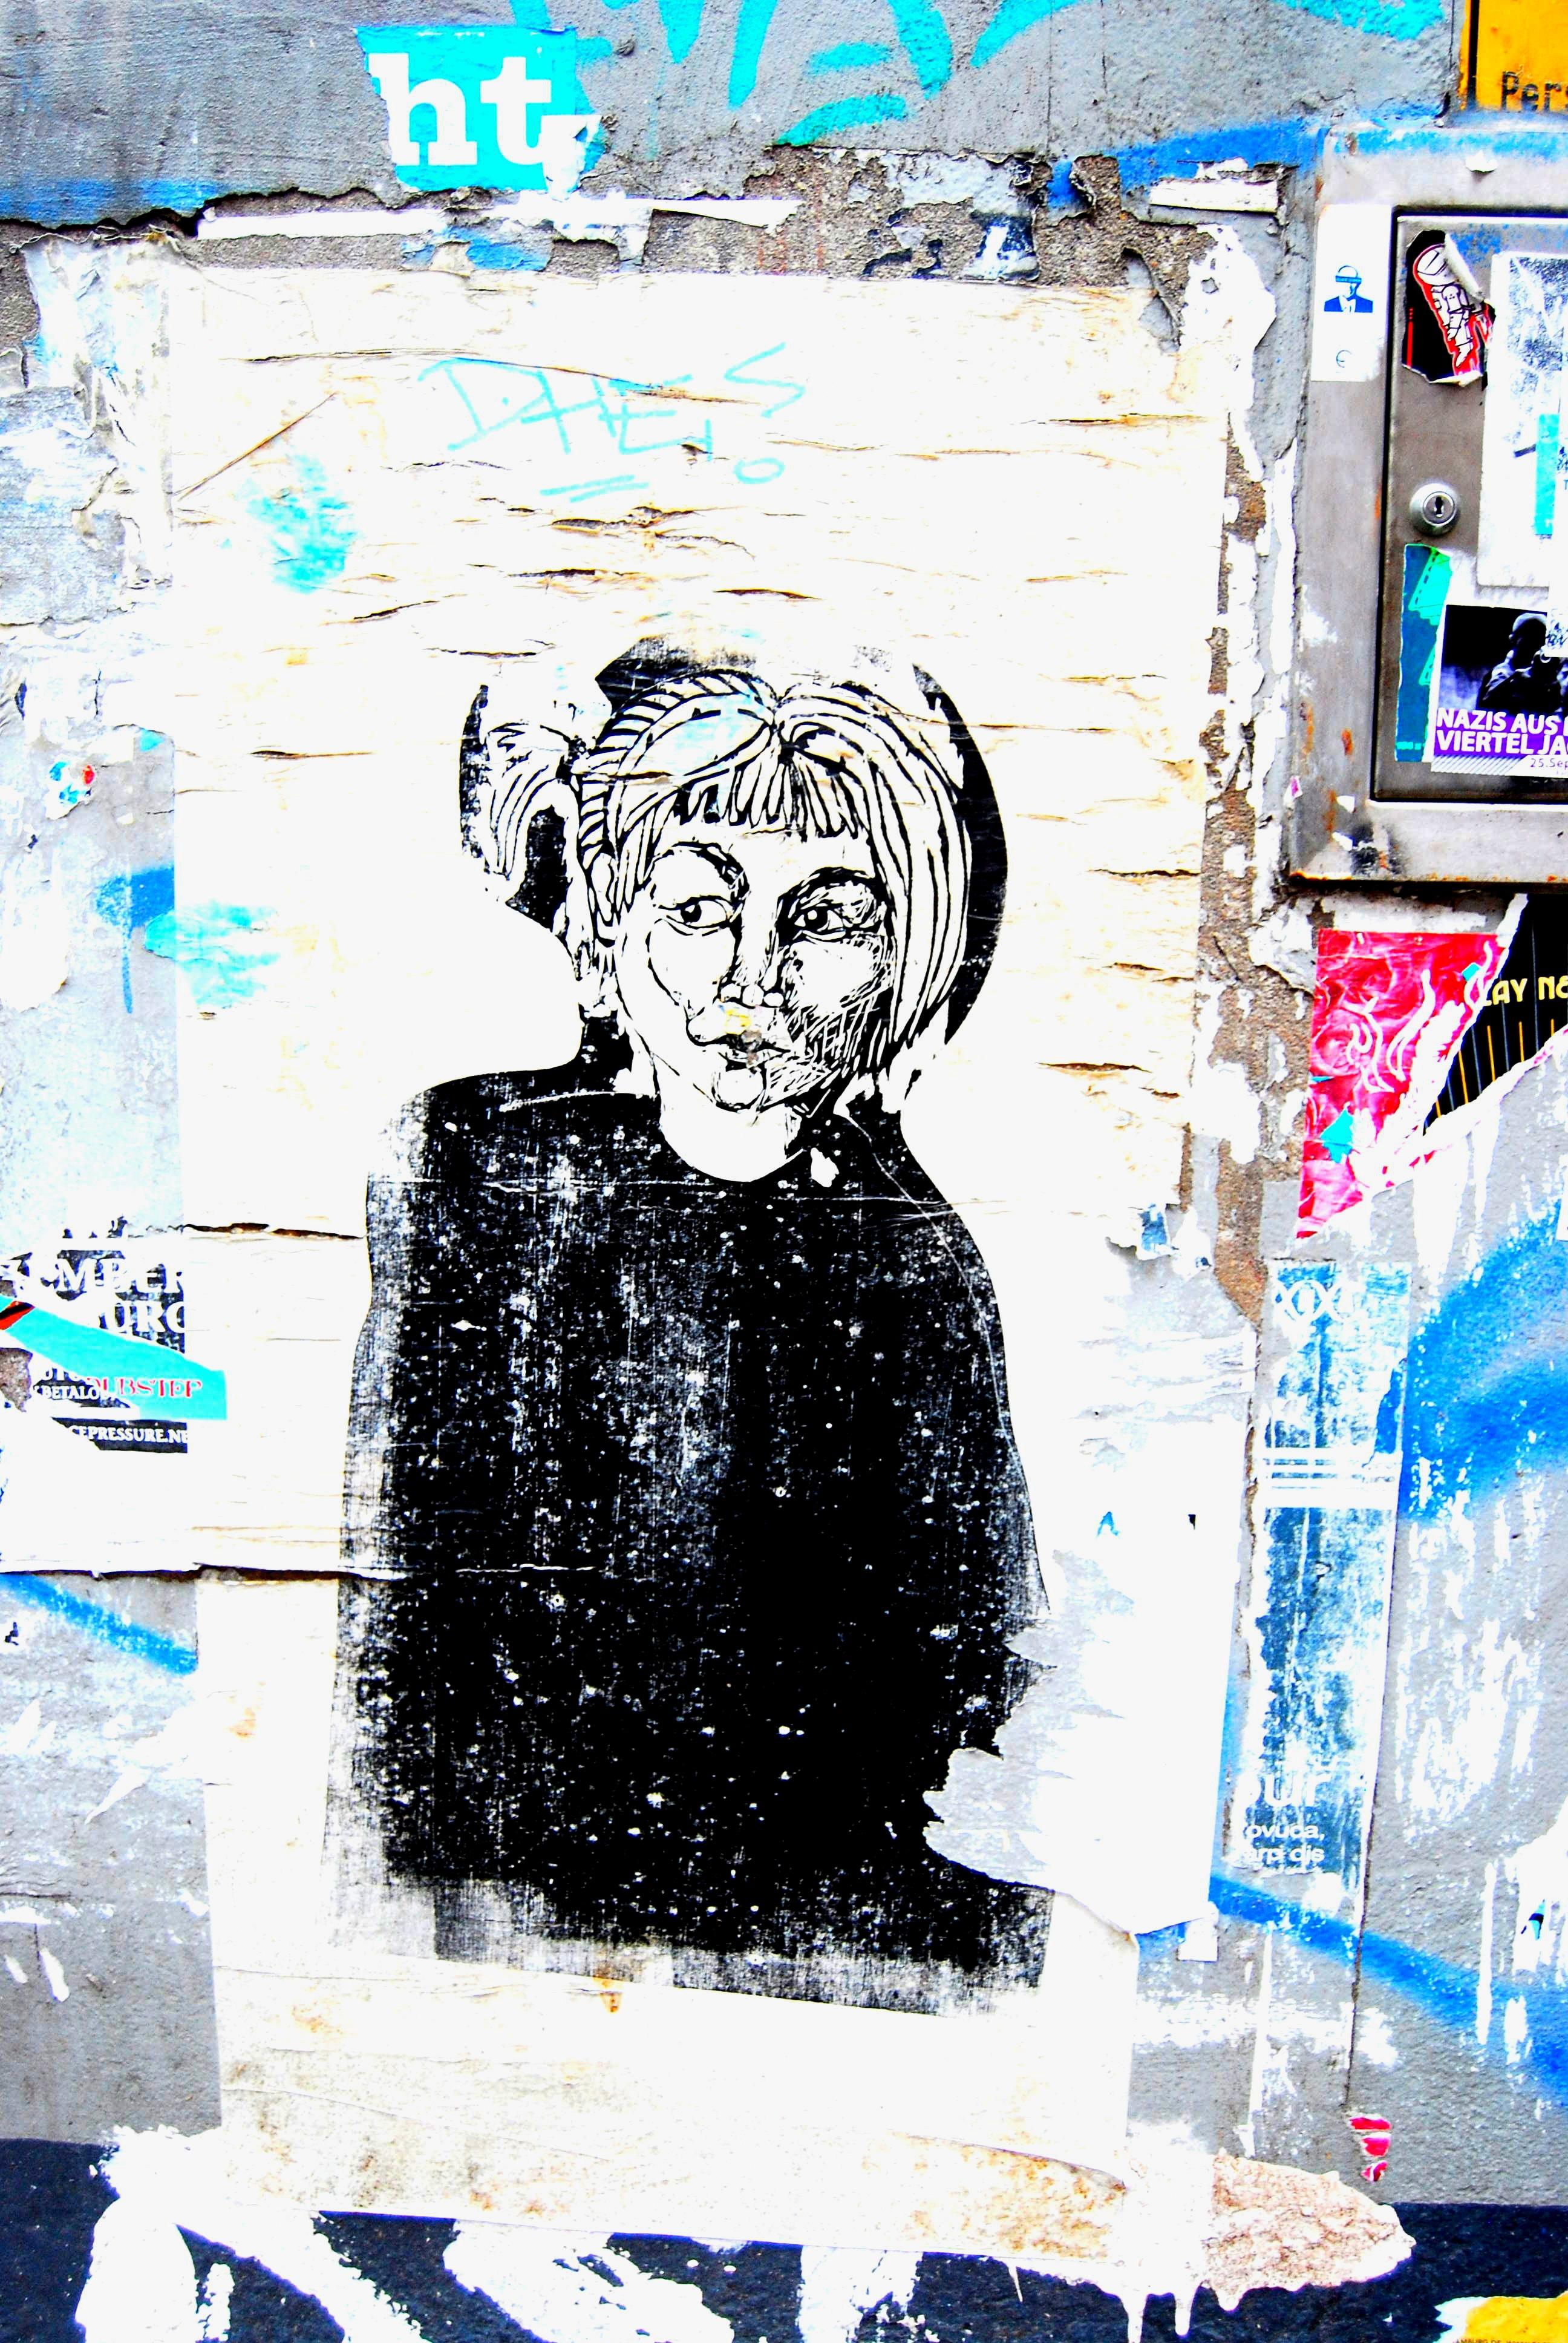 Fotos gratis : rociar, pintada, arte callejero, arte urbano, art ...